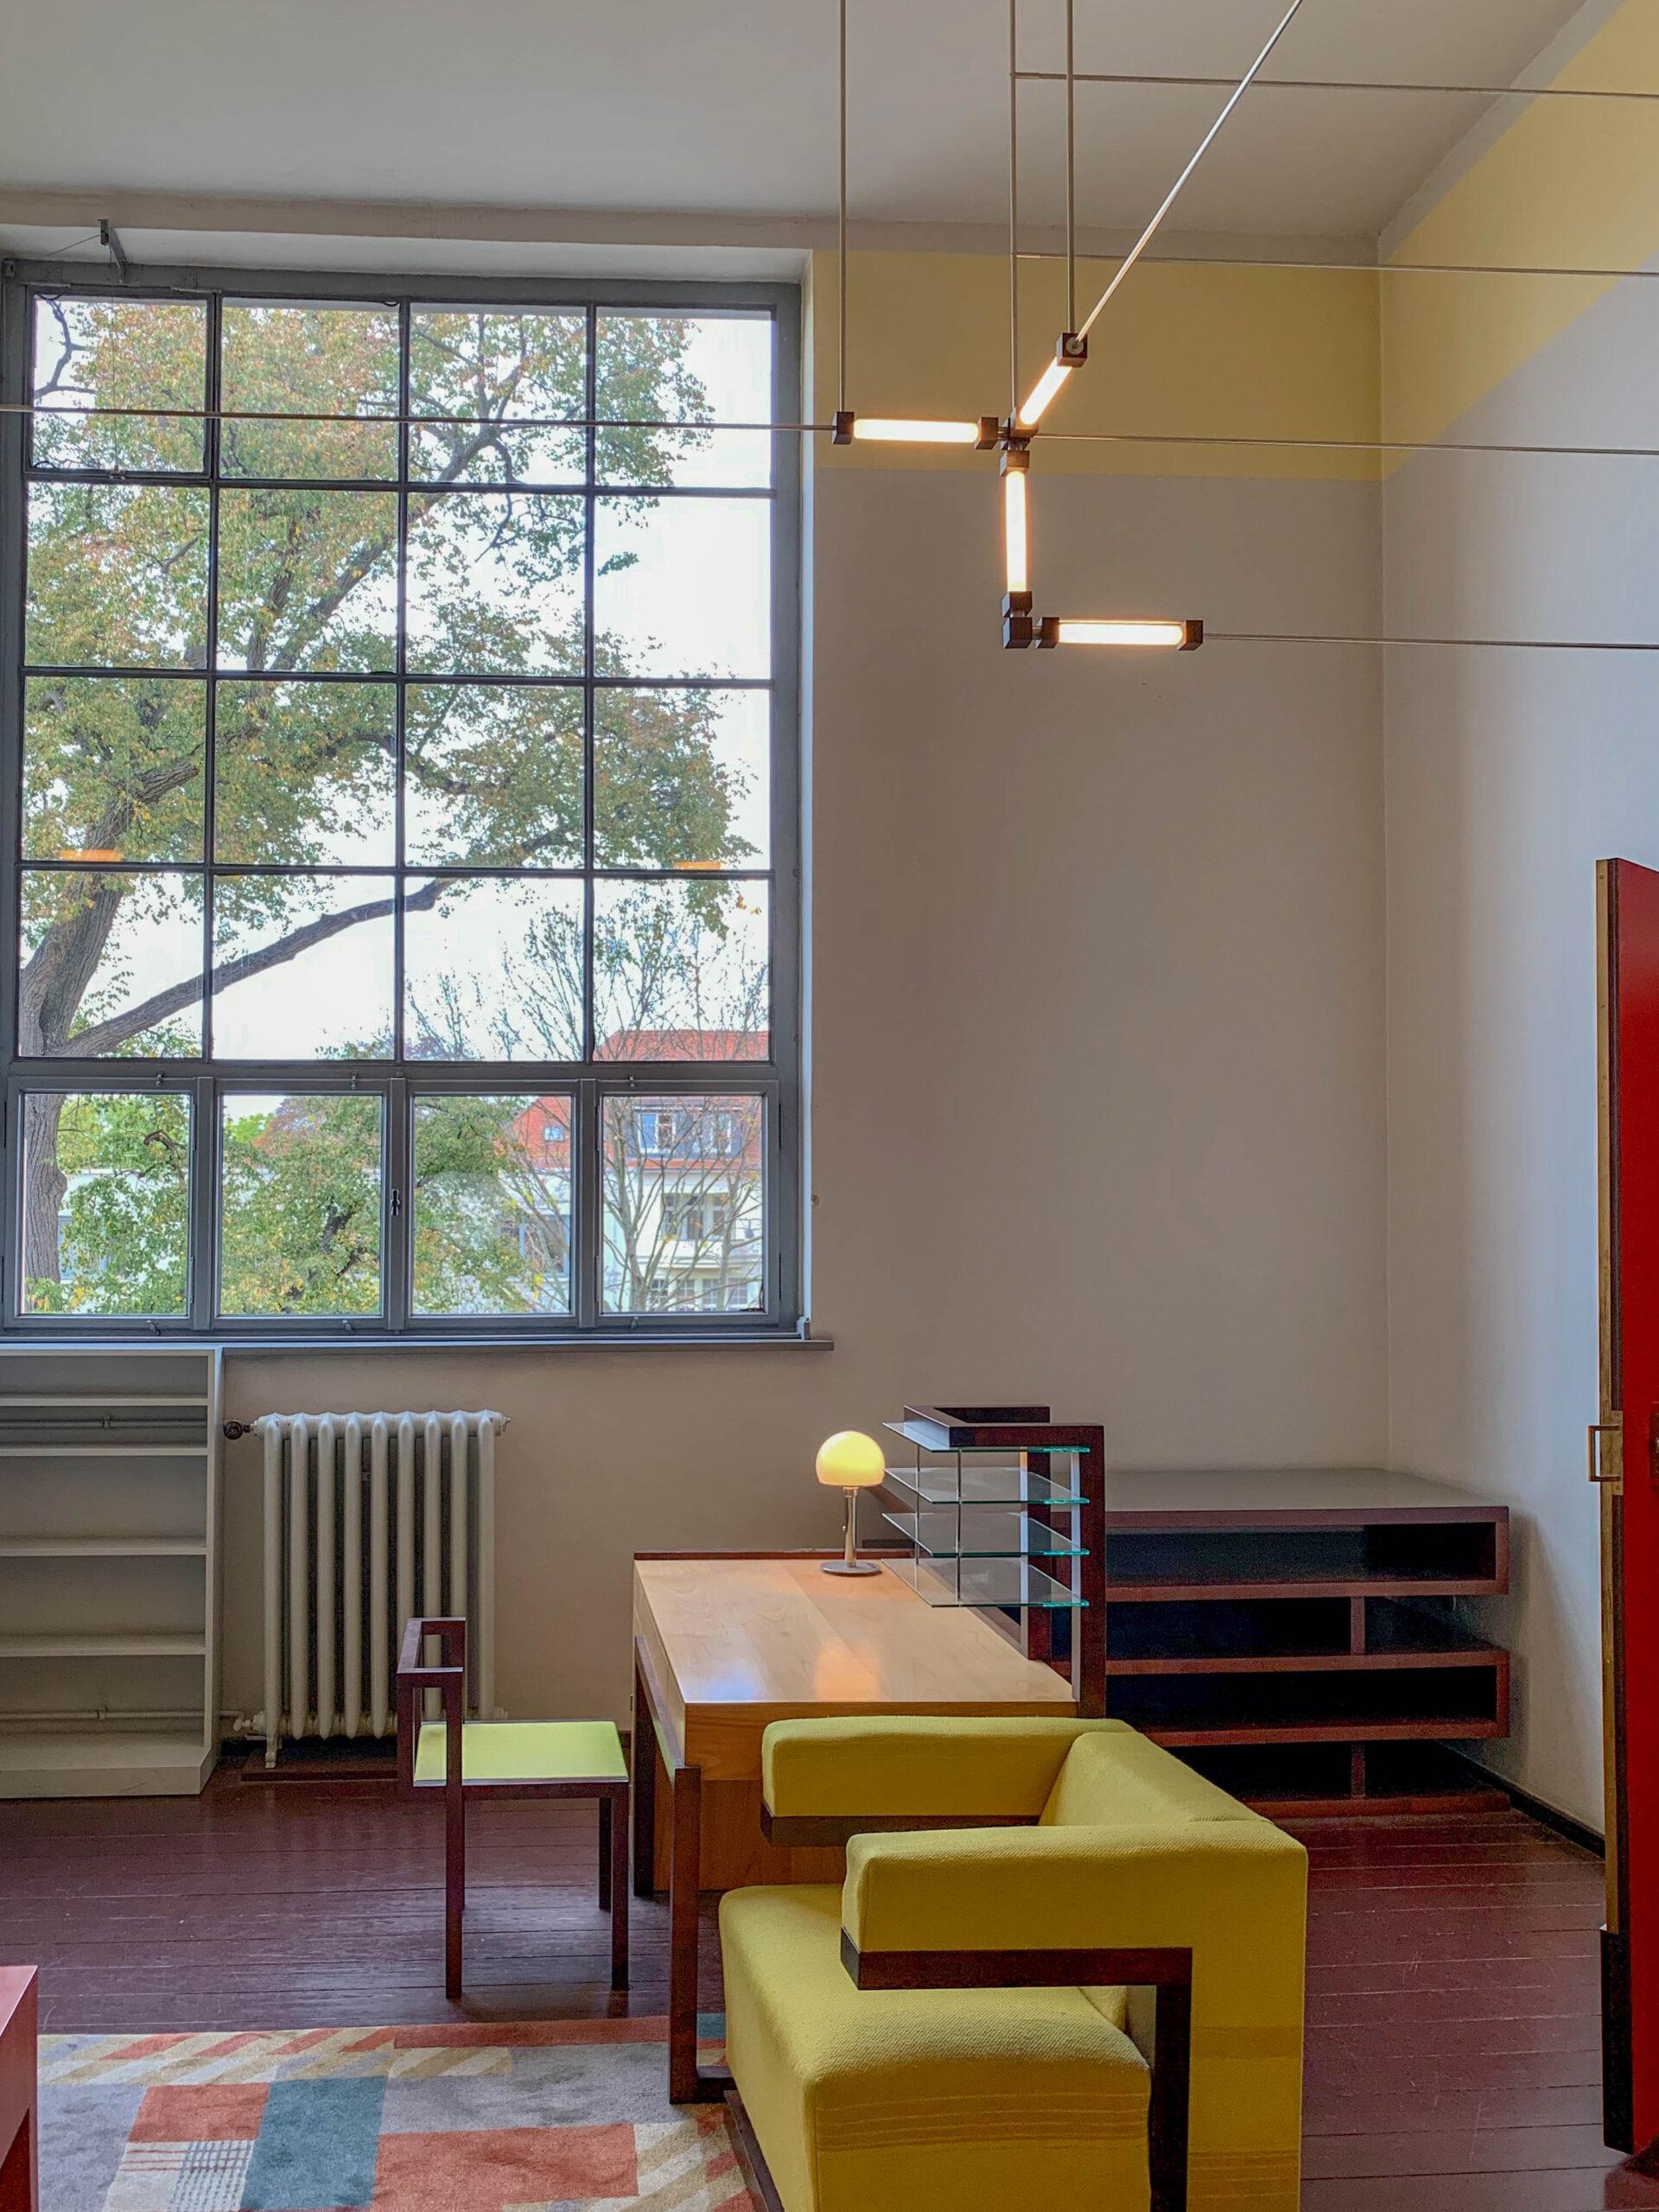 Director's Office, 1923. Design: Walter Gropius